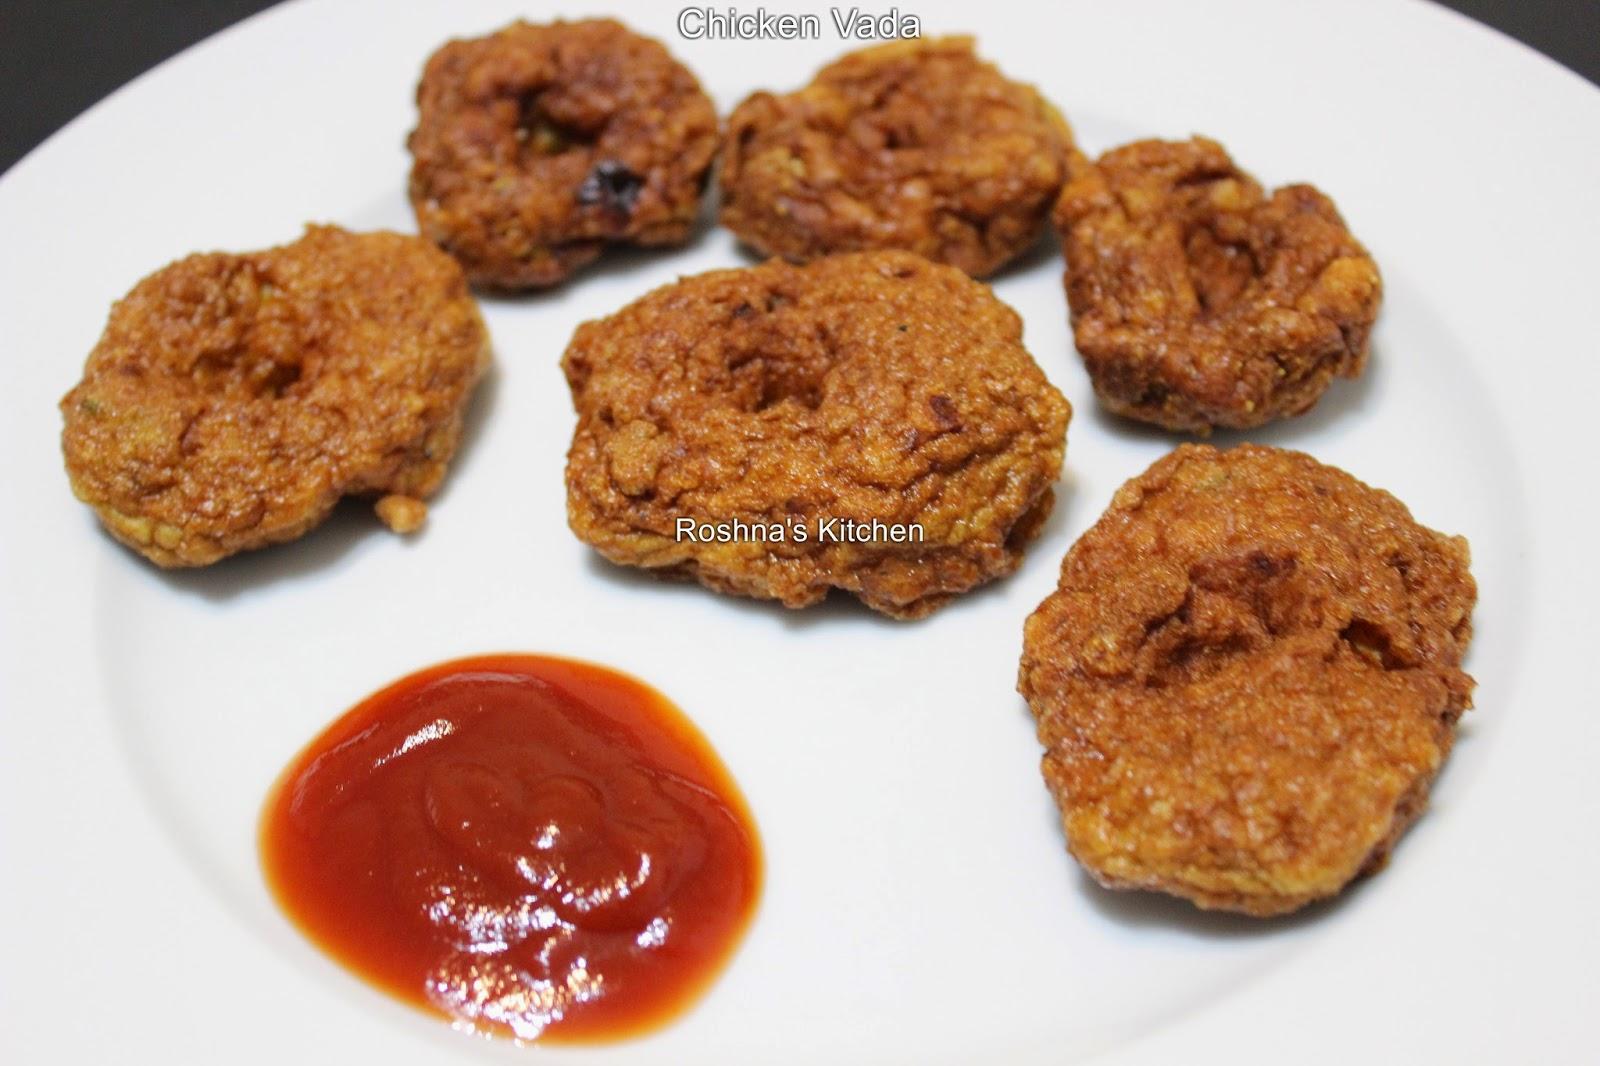 Chicken Vada